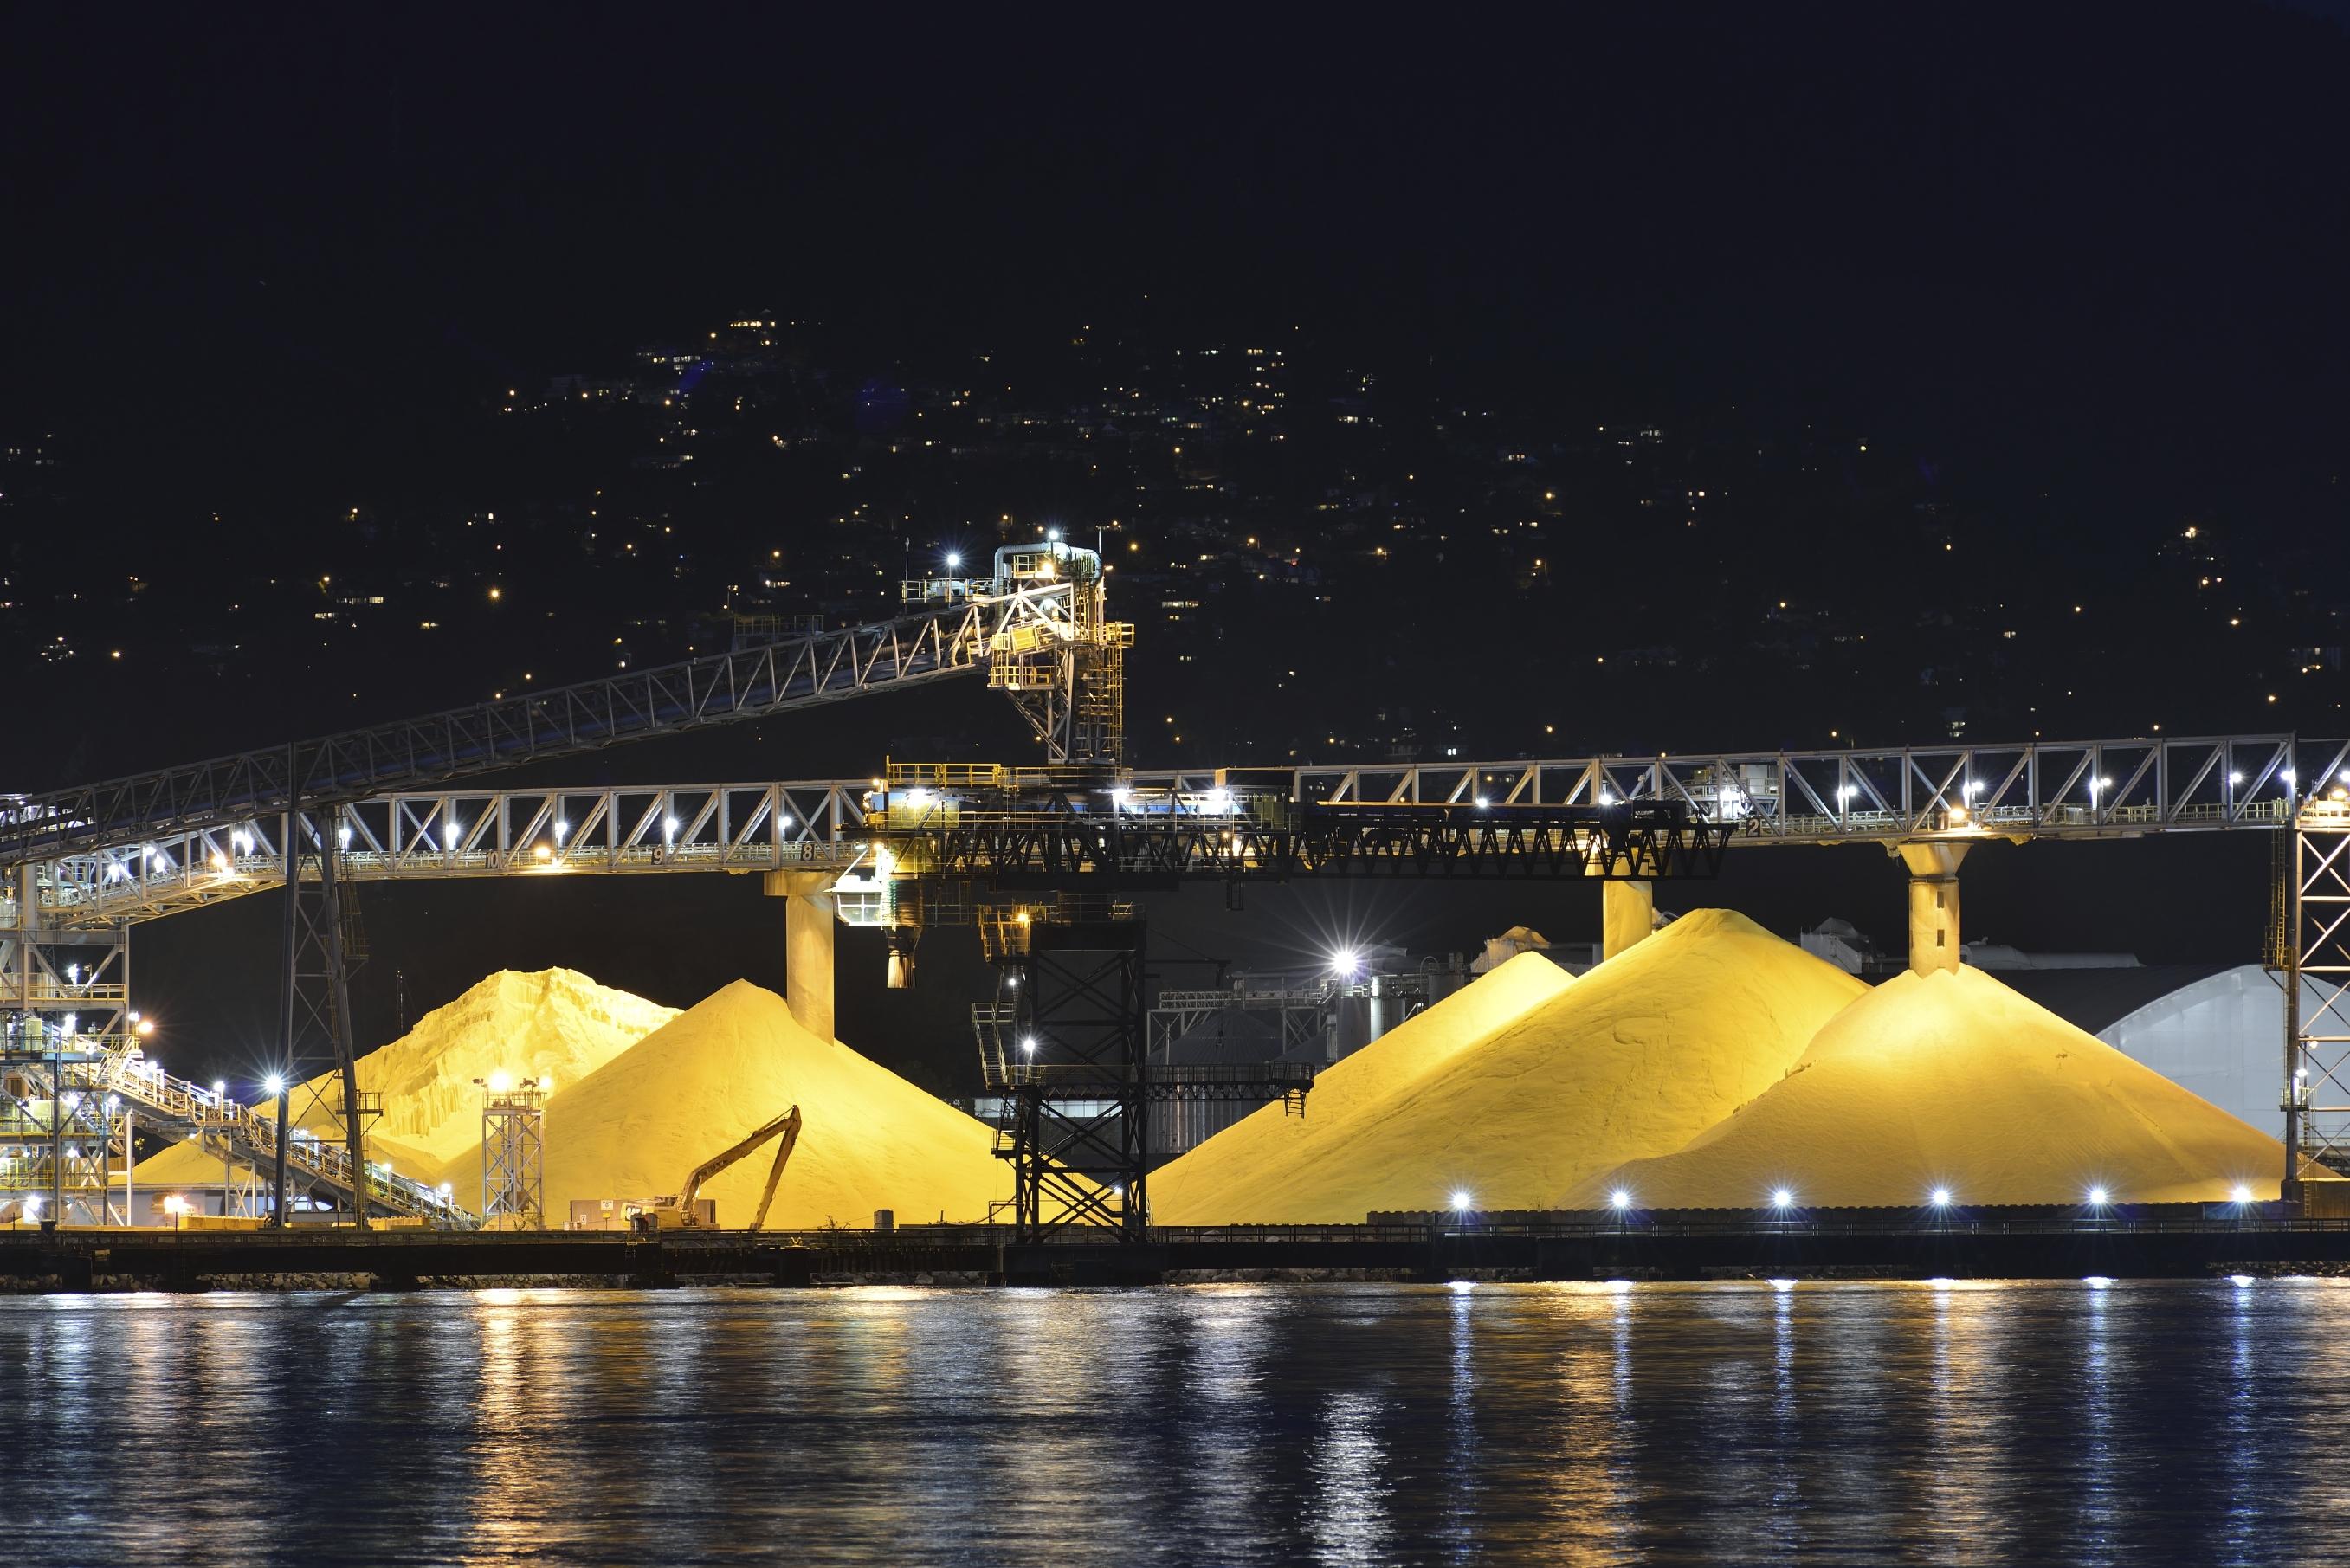 Sulfur Waste Pile